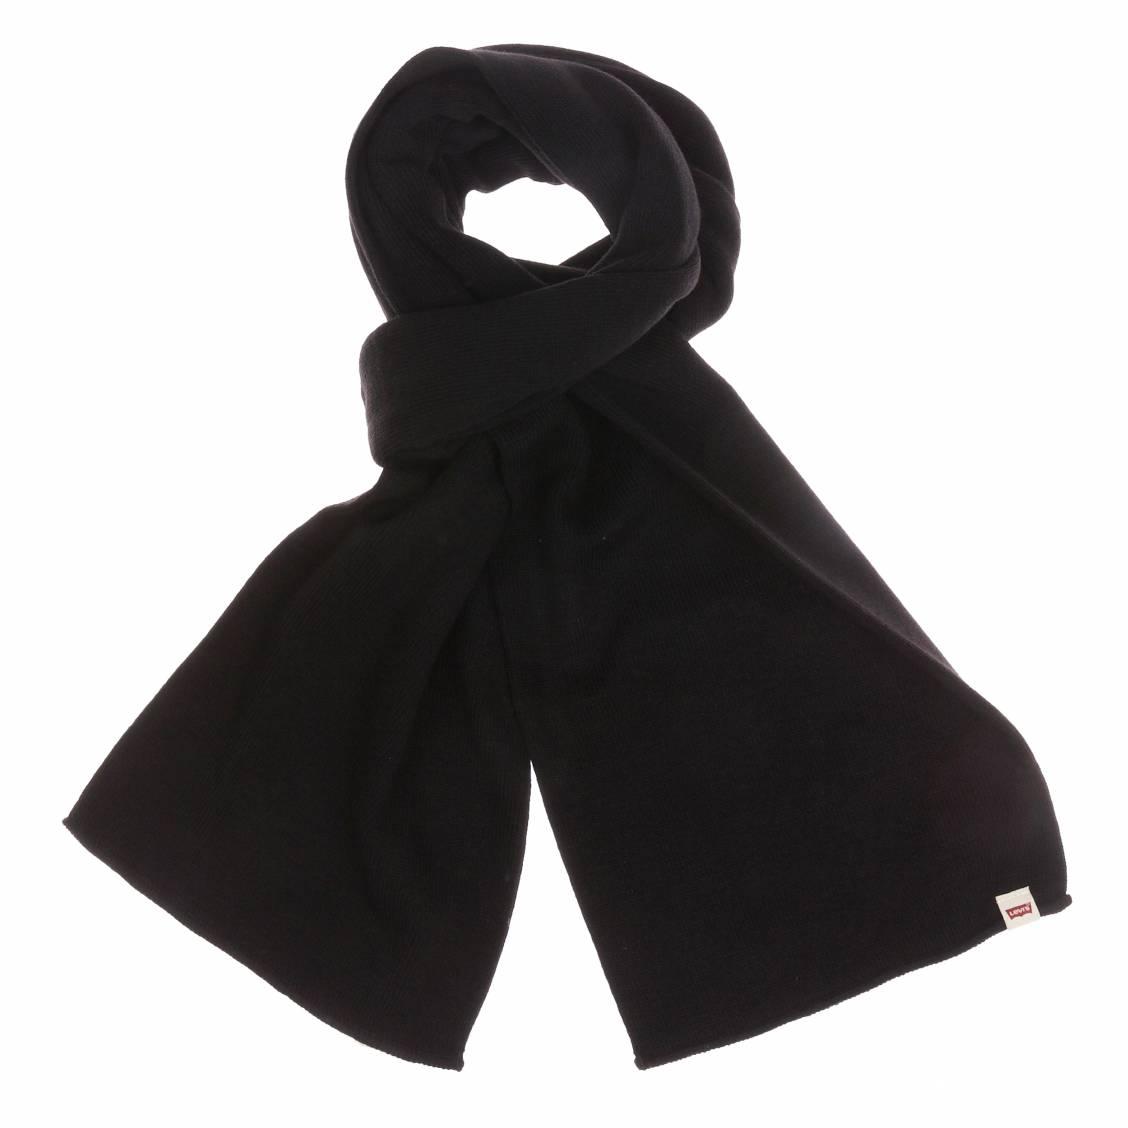 d9d5269ef52e Idéale pour se protéger du froid, l écharpe Levis noire homme, grâce à son  esthétique parfaite, est également un accessoire mode très tendance,  parfait pour ...